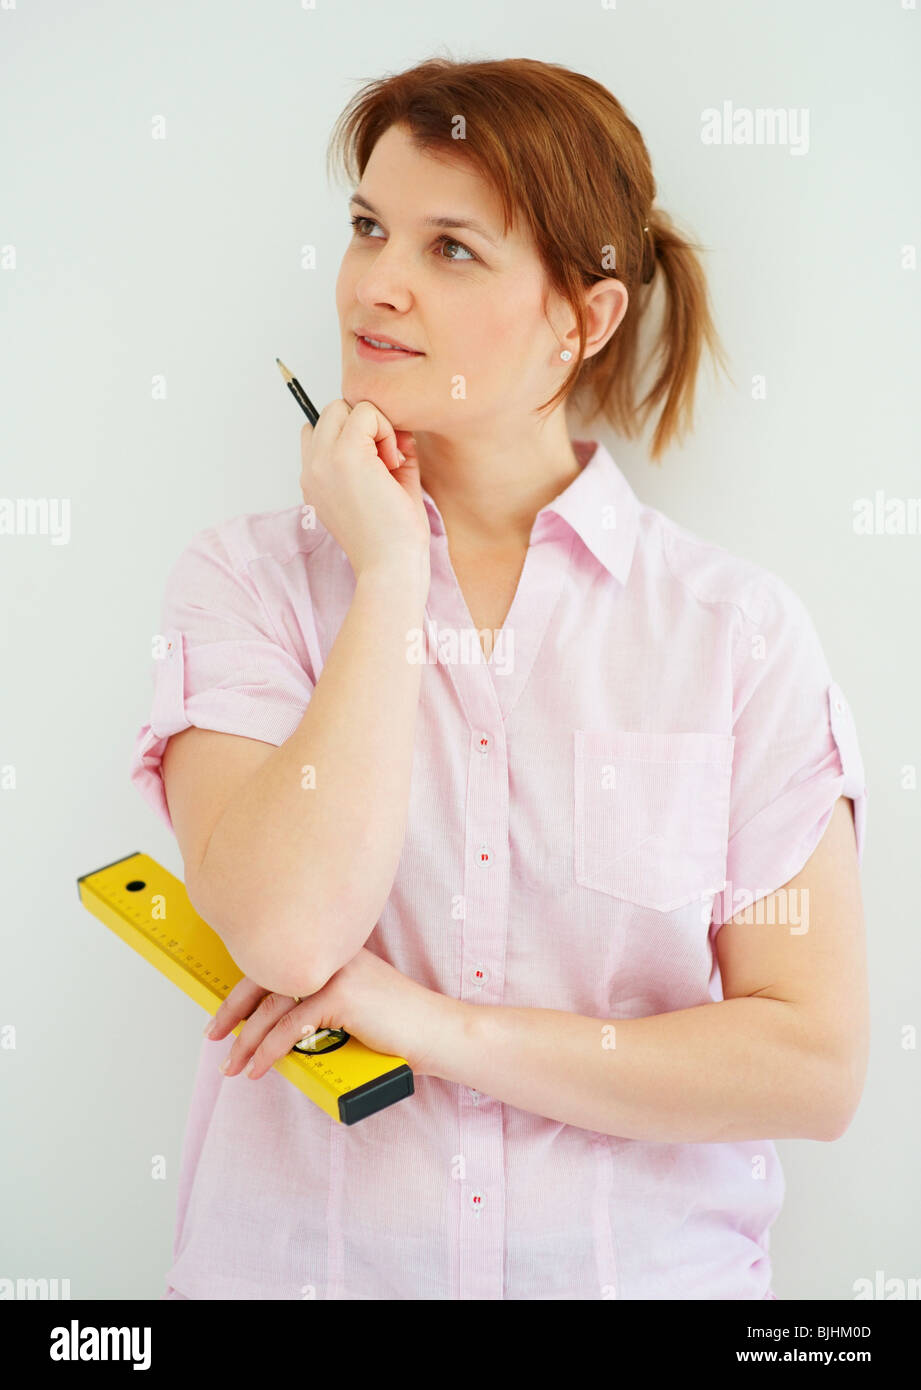 Female carpenter - Stock Image